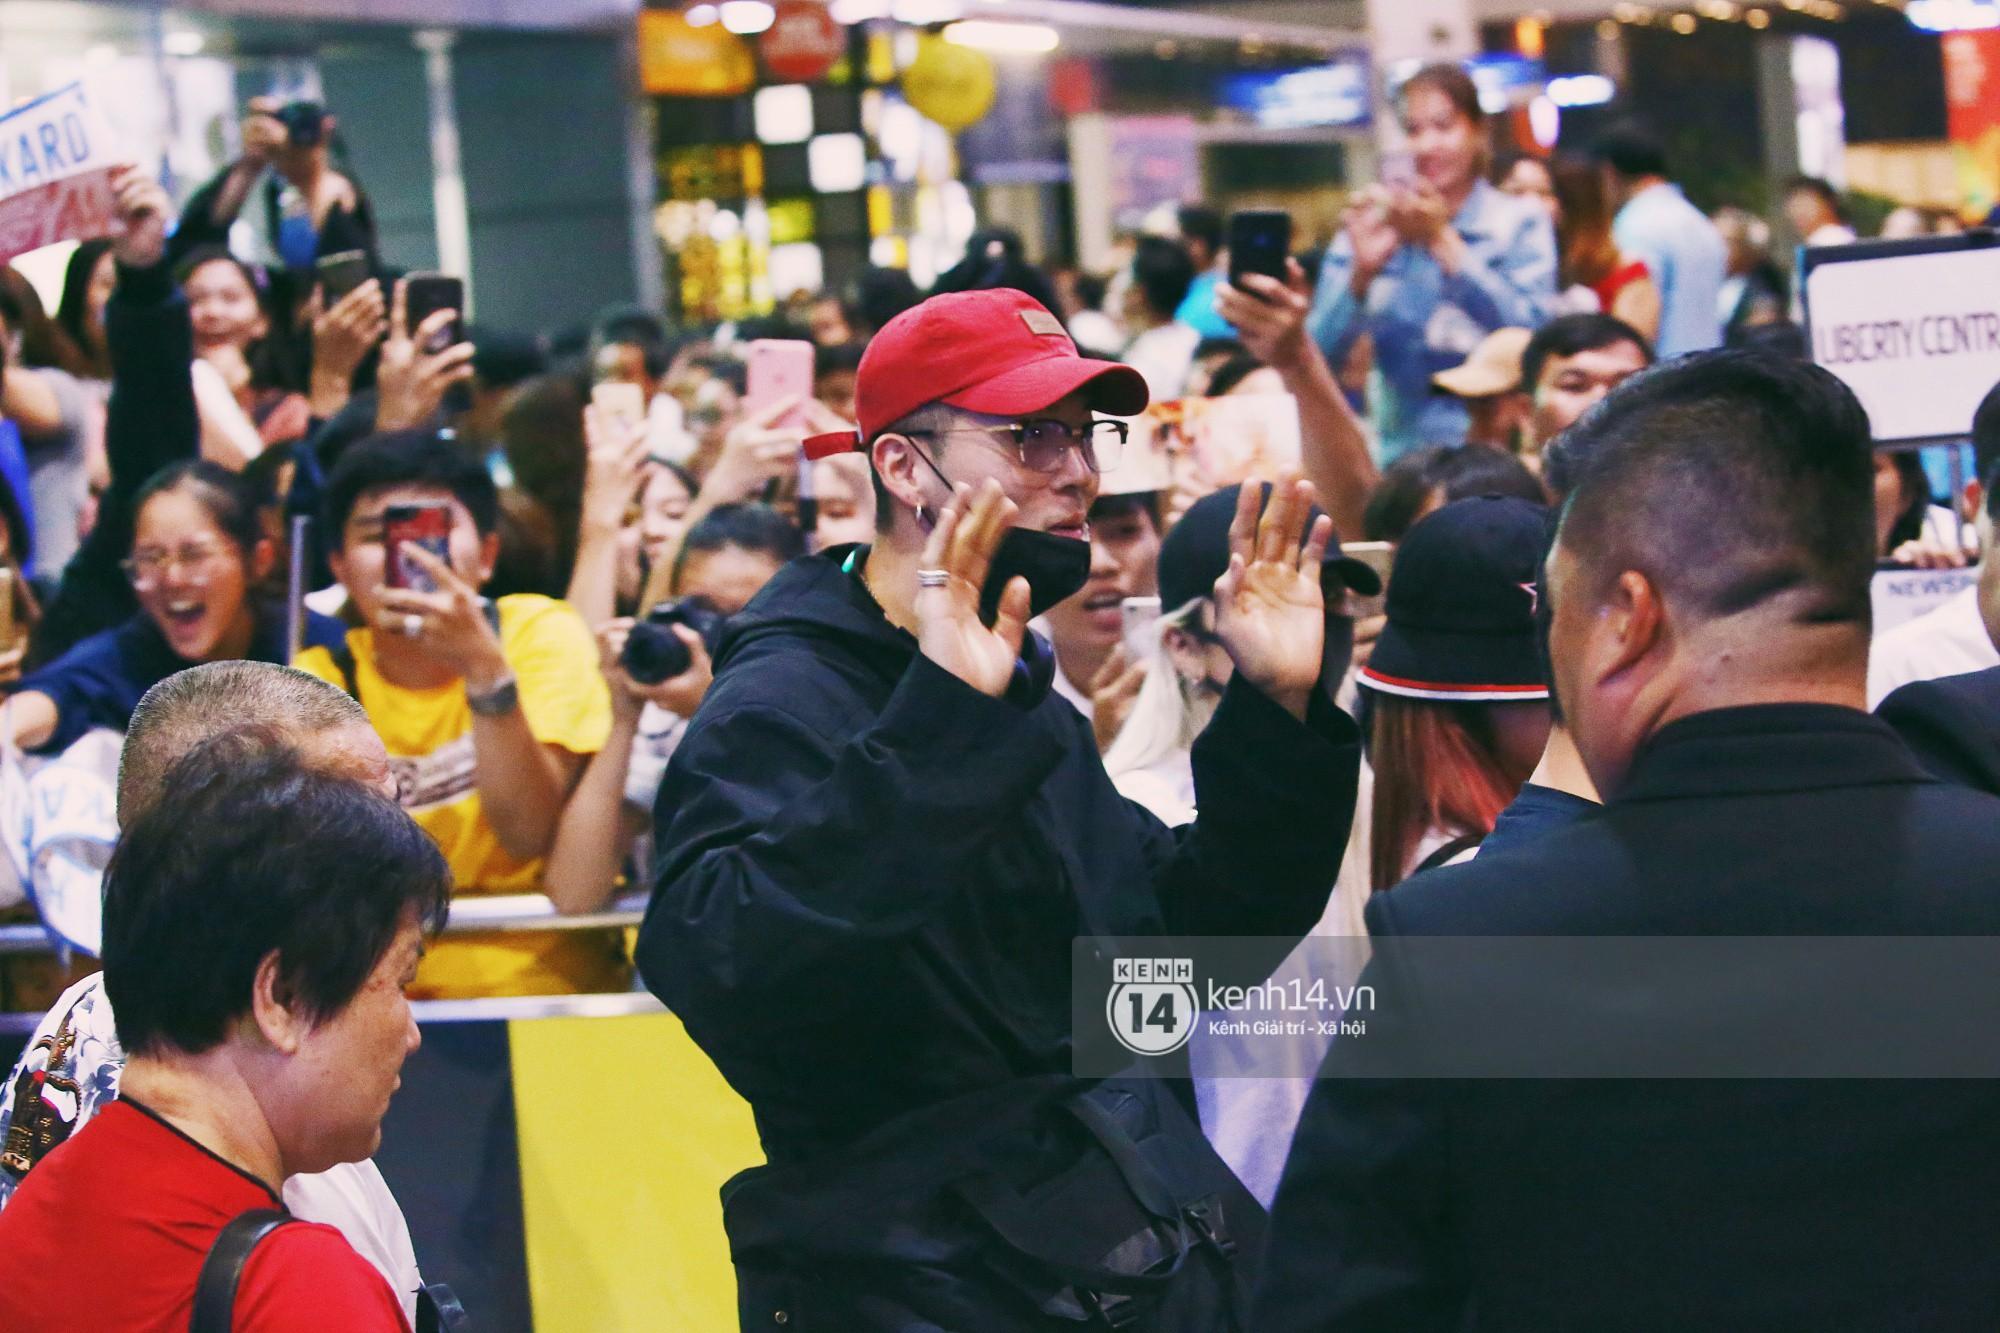 Dàn idol Kpop khiến sân bay Tân Sơn Nhất nổ tung giữa đêm: Mỹ nam Wanna One trắng bật tông, KARD há hốc vì biển fan - Ảnh 9.